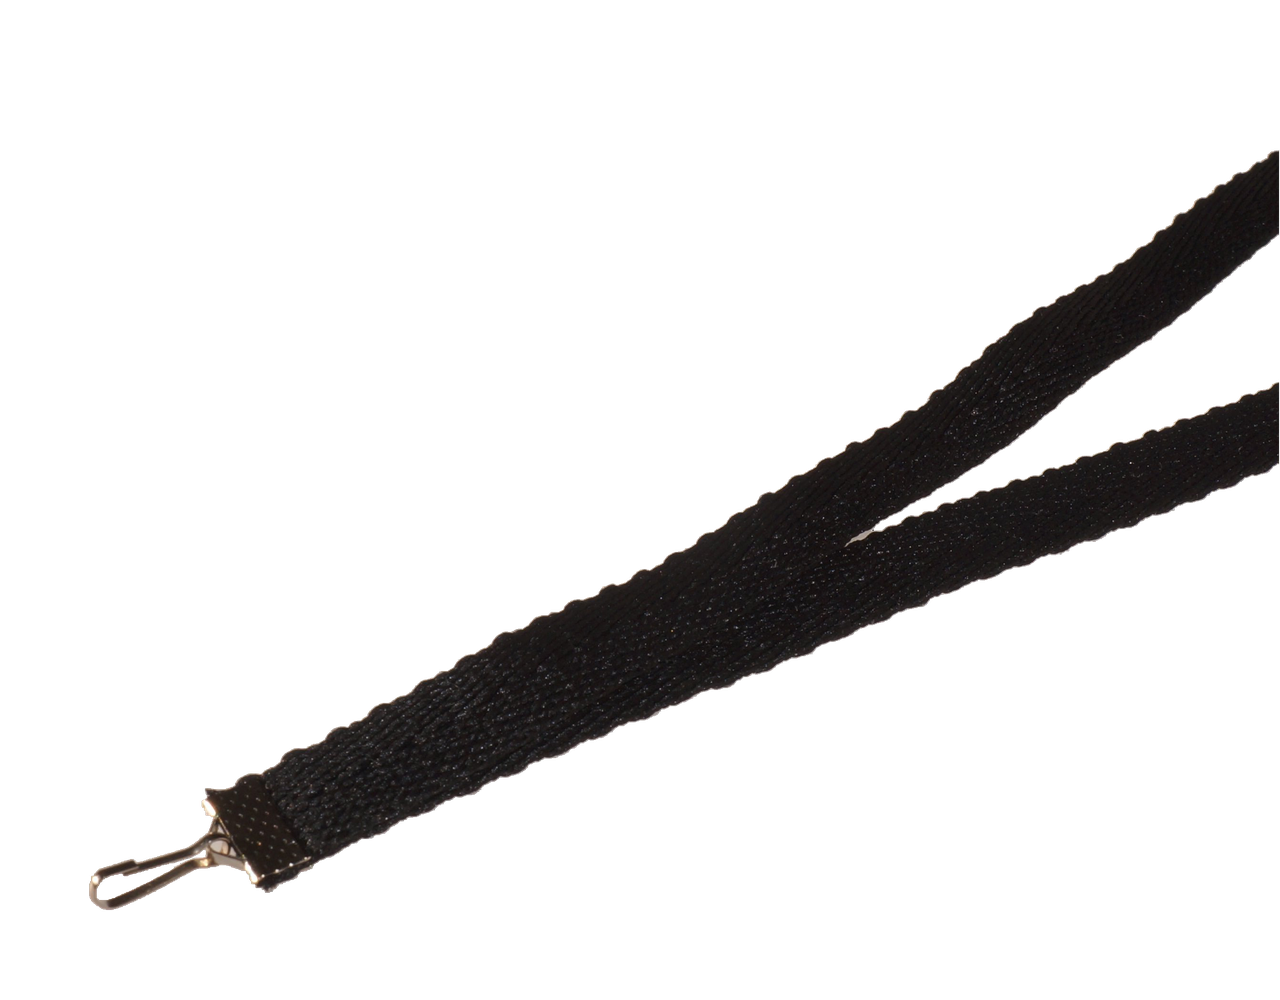 Ленты для бейджей 10 мм Чёрный